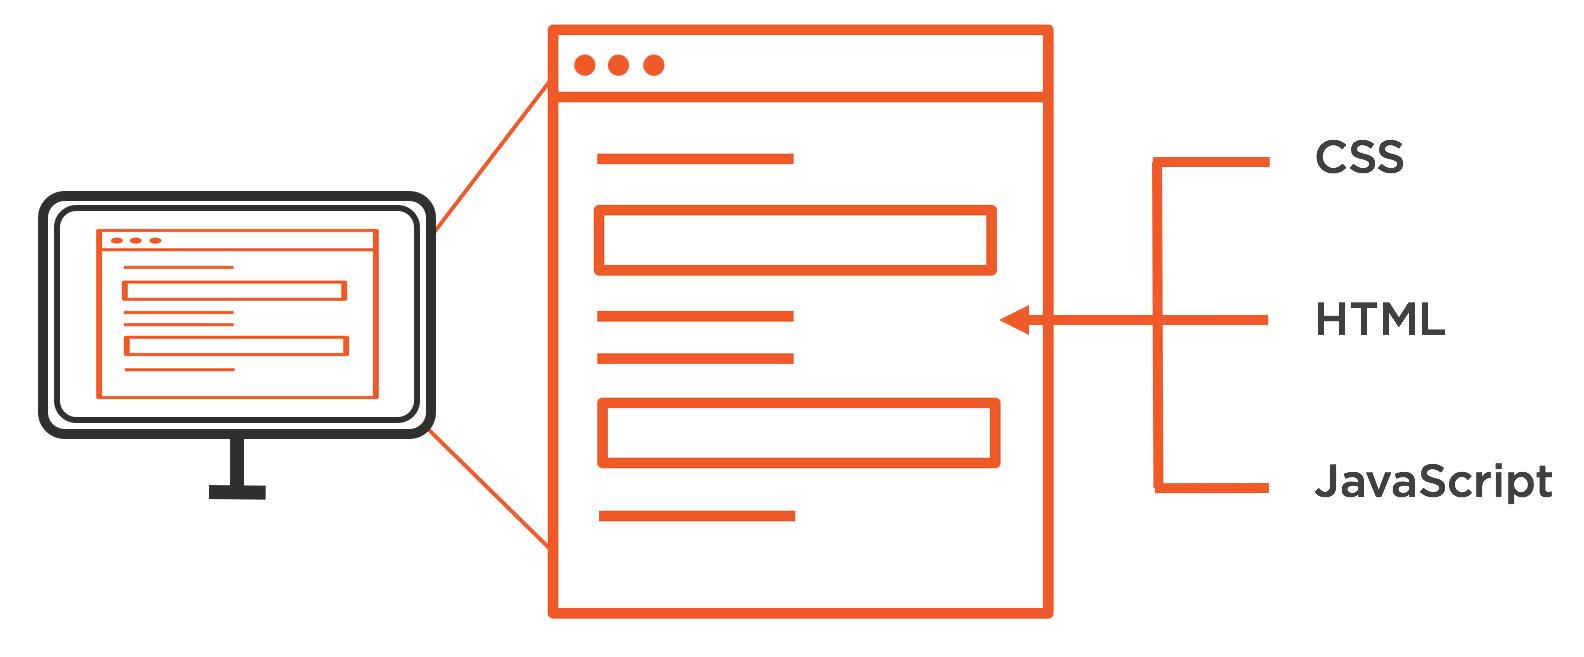 5 Steps to Handling Untrusted Node js Data - Lock Me Down